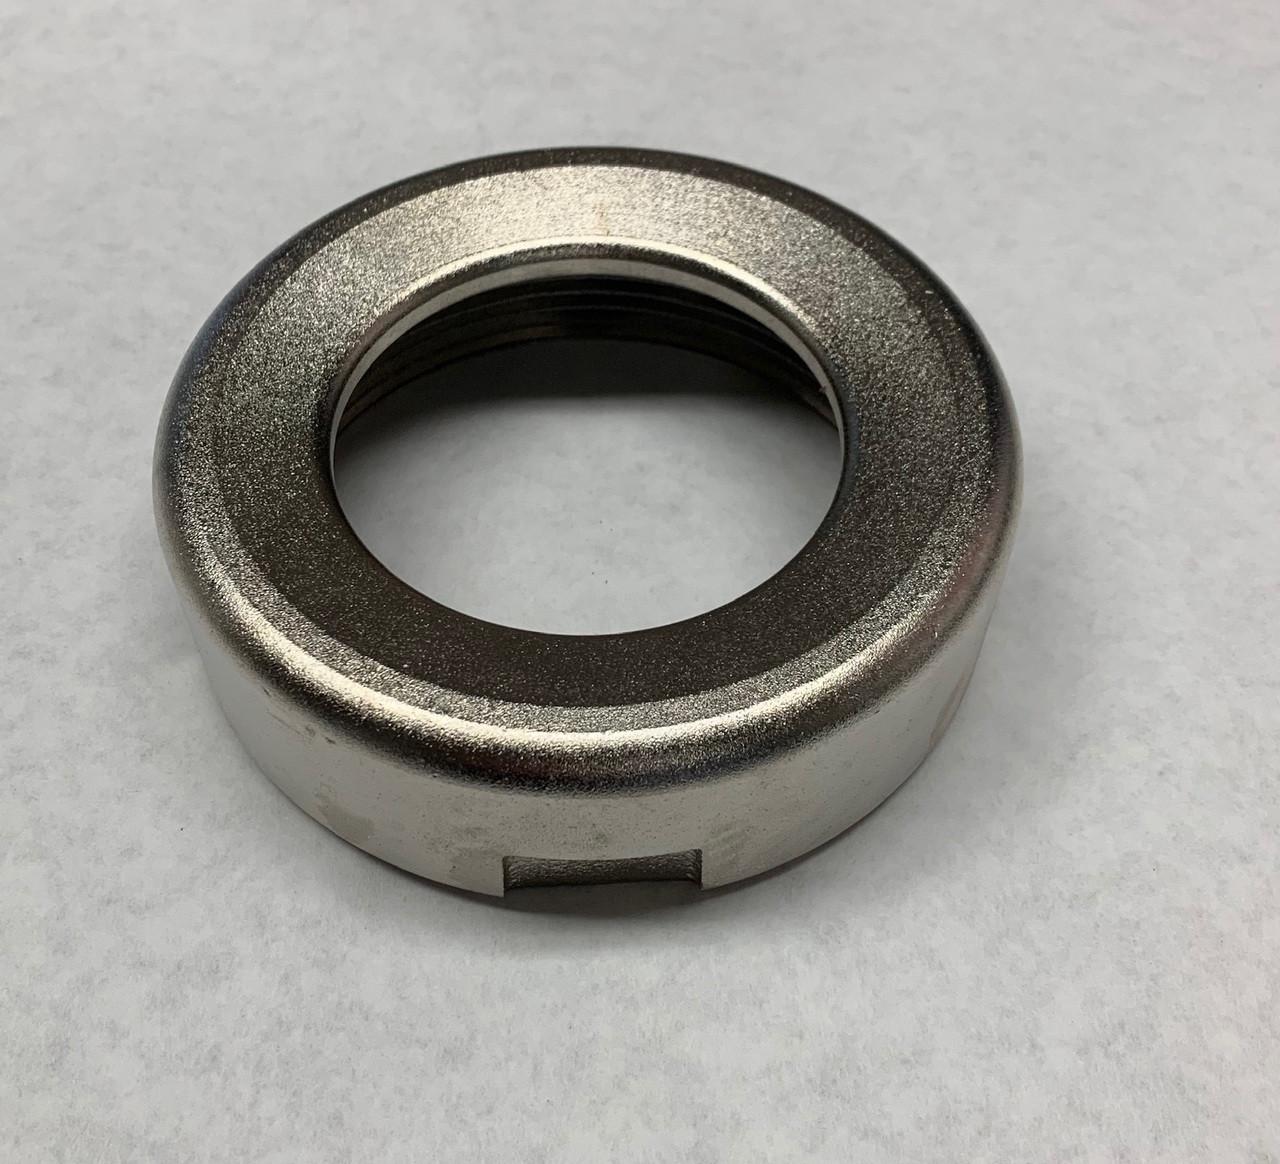 Hobart H506 - Grinder Ring - Hobart 4246,4346,4632,4732,4732A